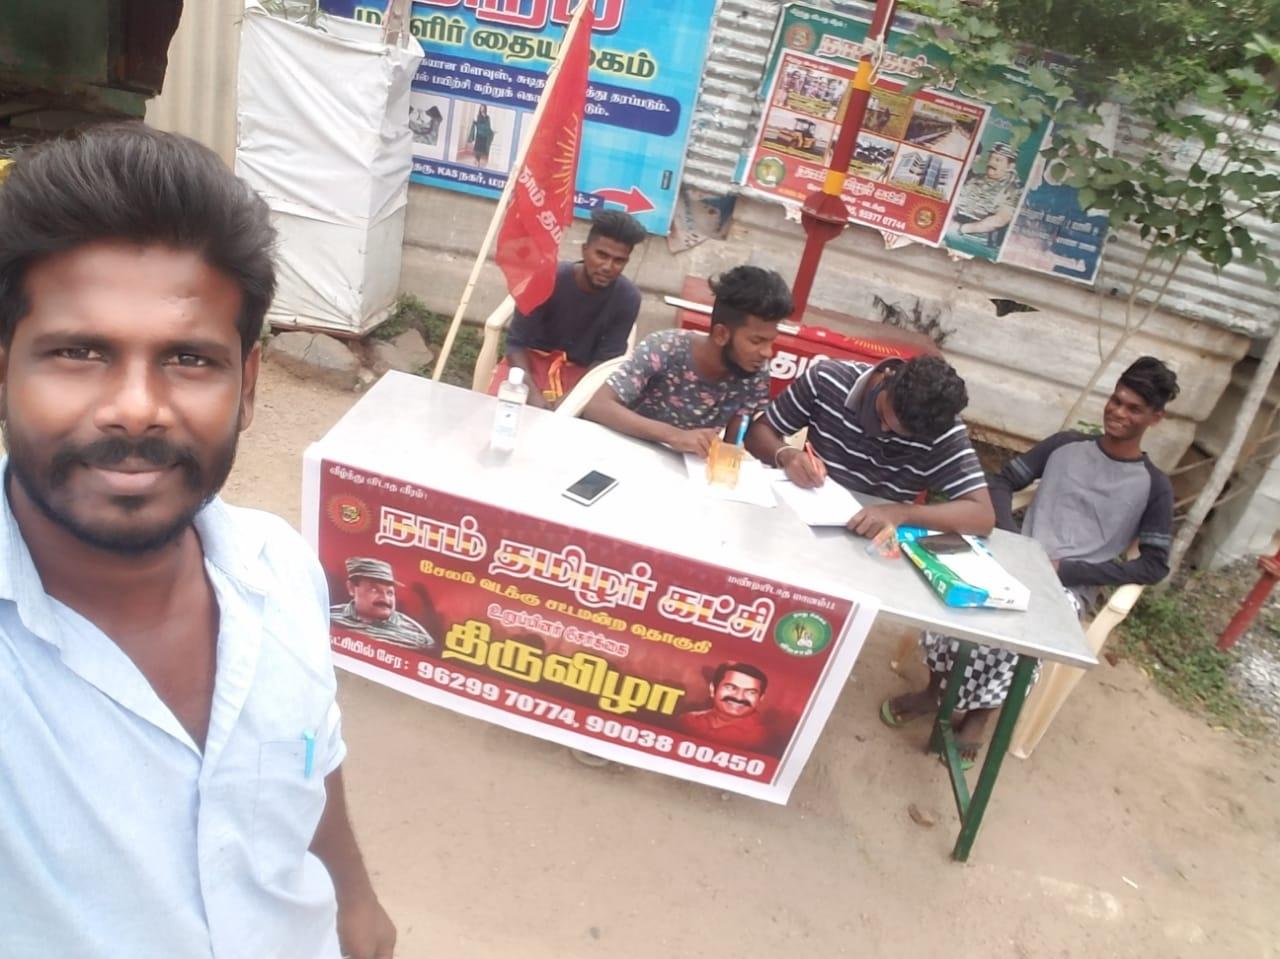 சேலம் வடக்கு தொகுதி உறுப்பினர் சேர்க்கை முகாம்